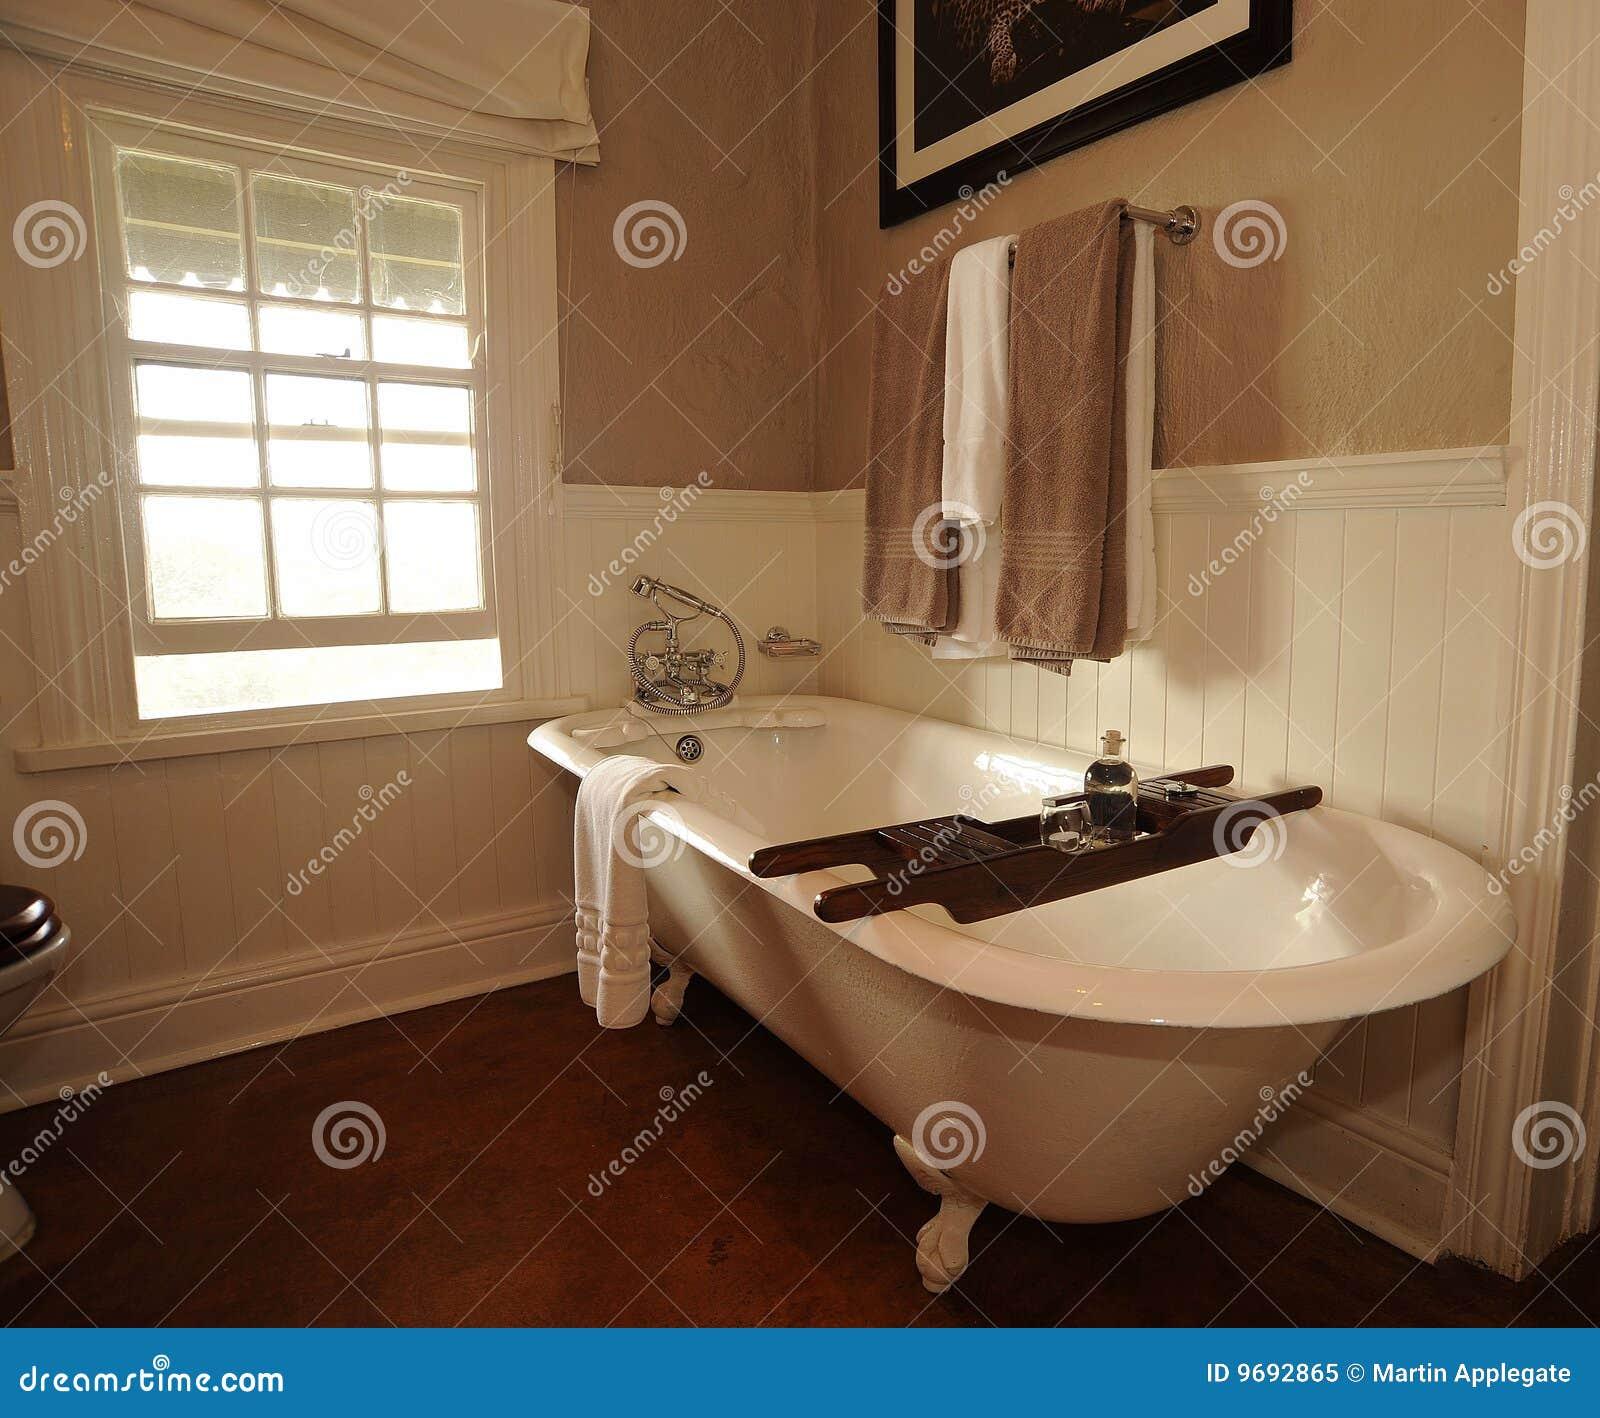 Banheiro Com Banheira Foto de Stock Royalty Free Imagem: 9692865 #86AC1F 1300x1169 Banheiro Com Banheira E Chuveiro Juntos